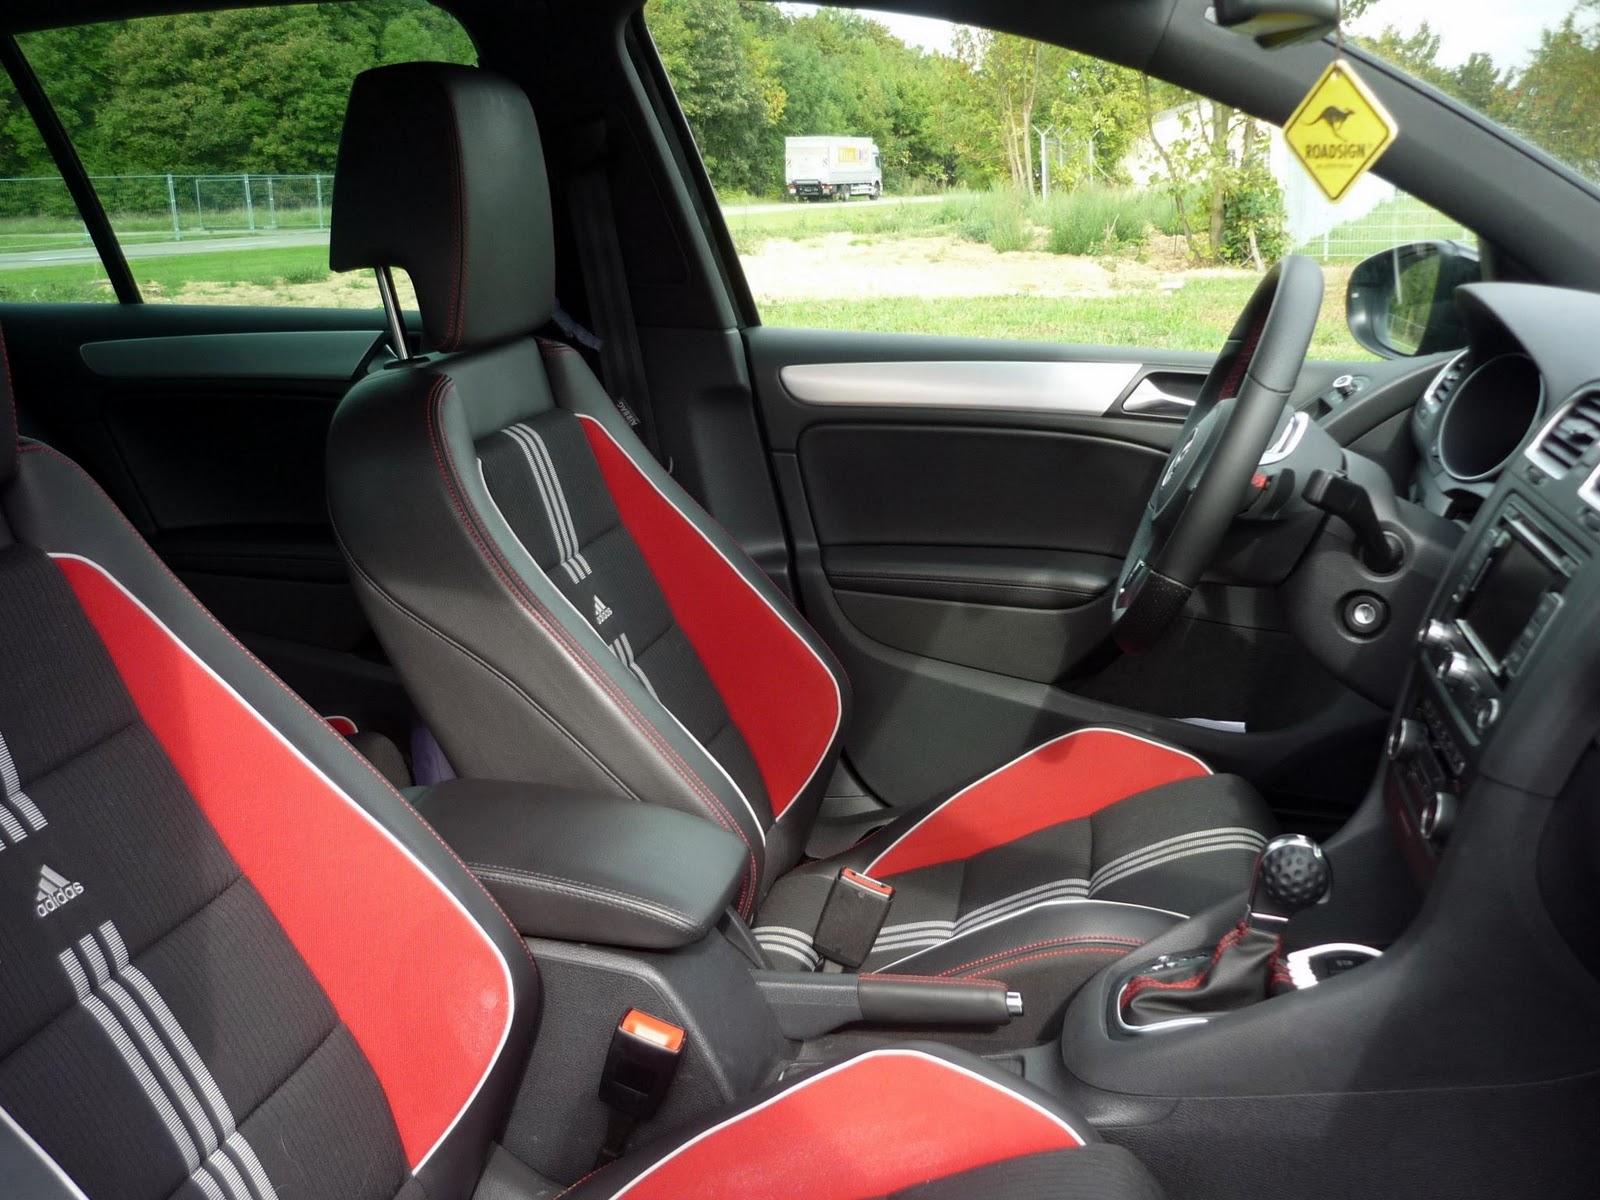 guitigefilmpjes picture update volkswagen golf vi gti adidas. Black Bedroom Furniture Sets. Home Design Ideas